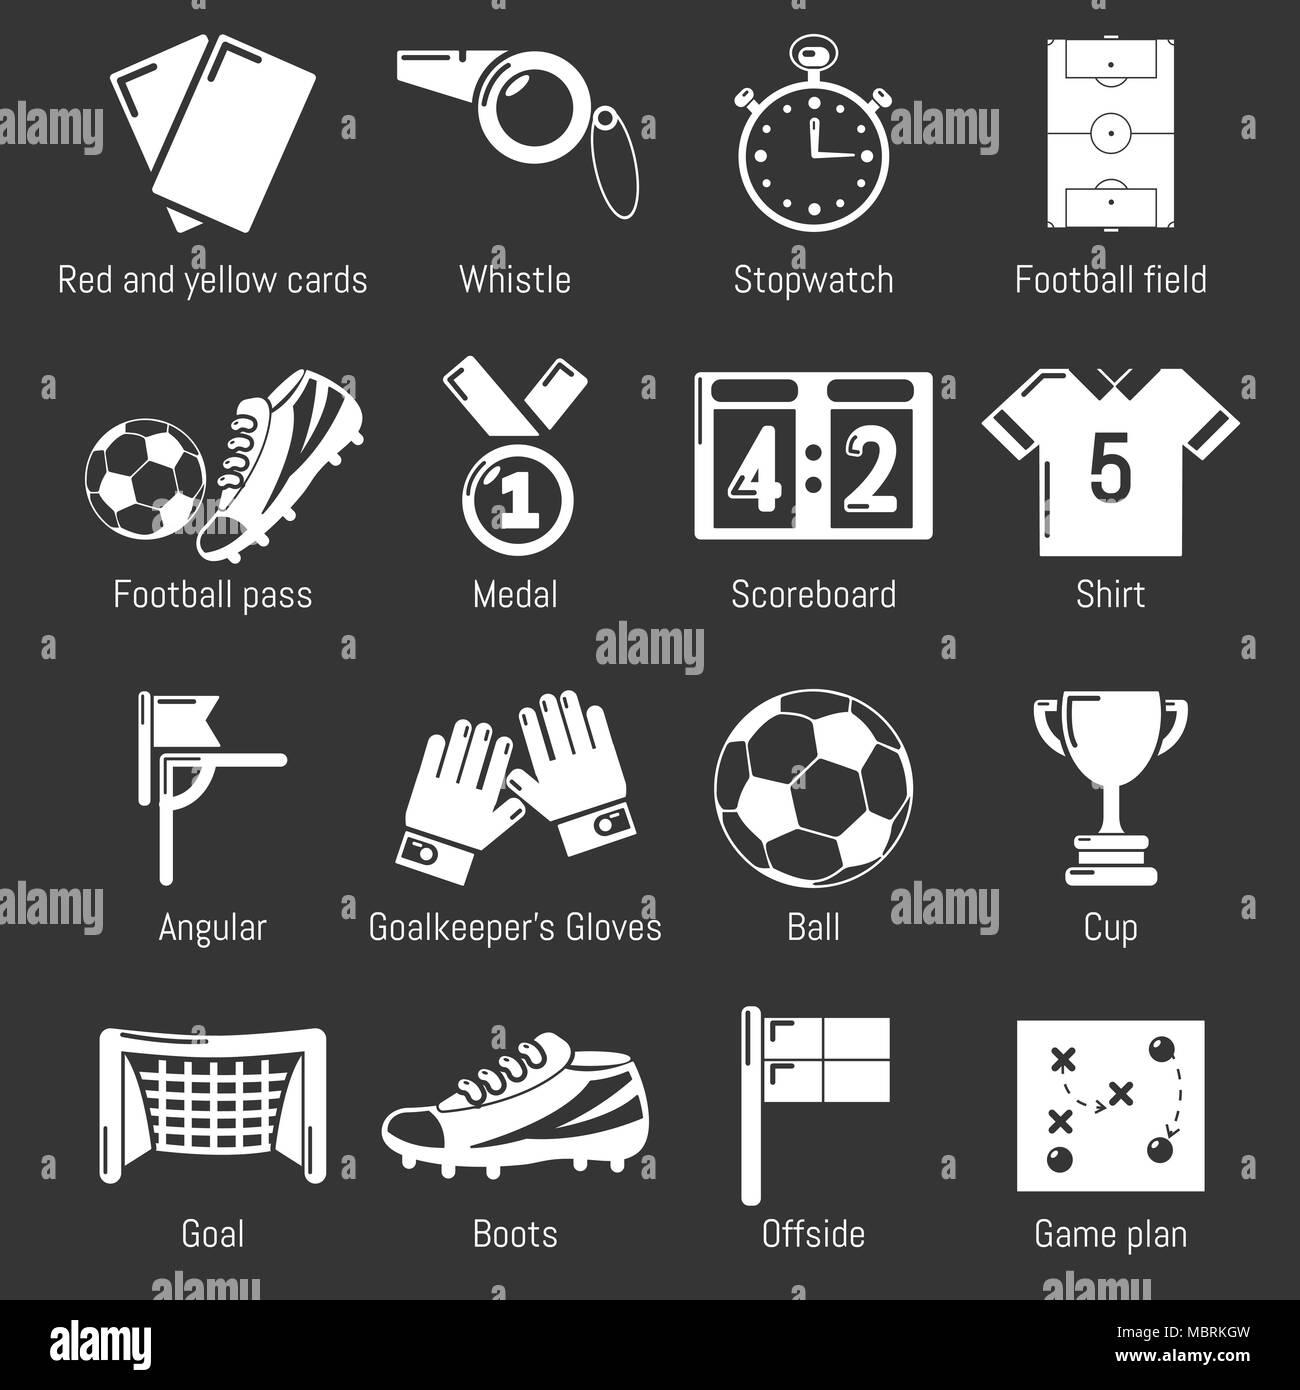 Football Field Vector Illustration Imágenes De Stock   Football ... 034ff8c93da